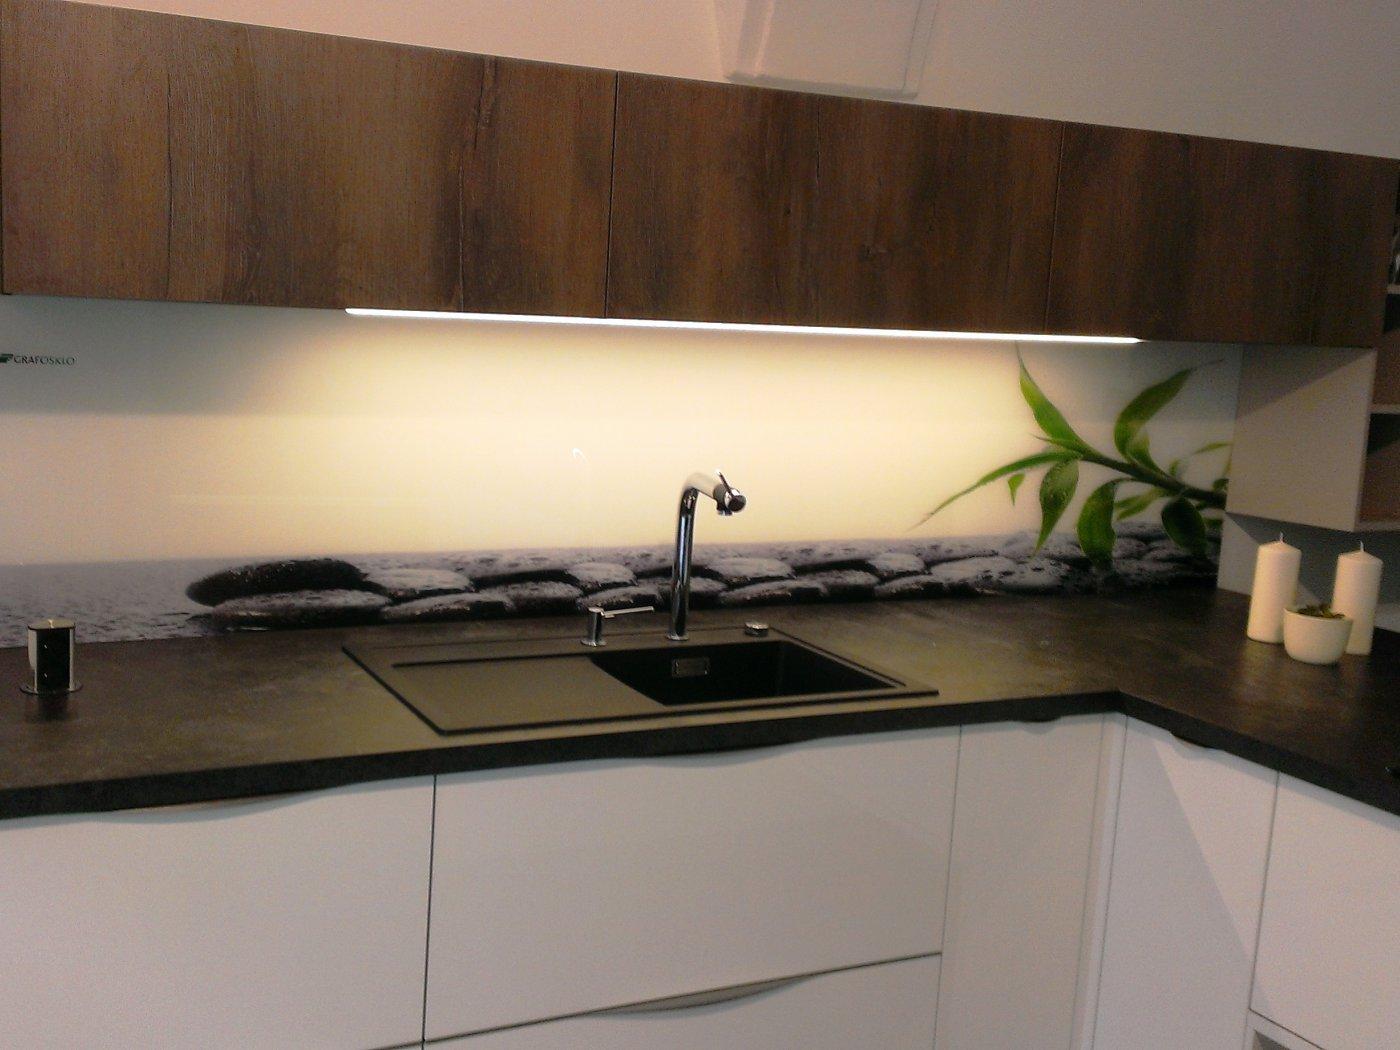 5870d7ae2d4c Každá kuchyňa sa stane vďaka sklu jedinečným prvkom v interiéri. Samotné  sklo pre kuchynské zásteny v bezpečnostnom prevedení